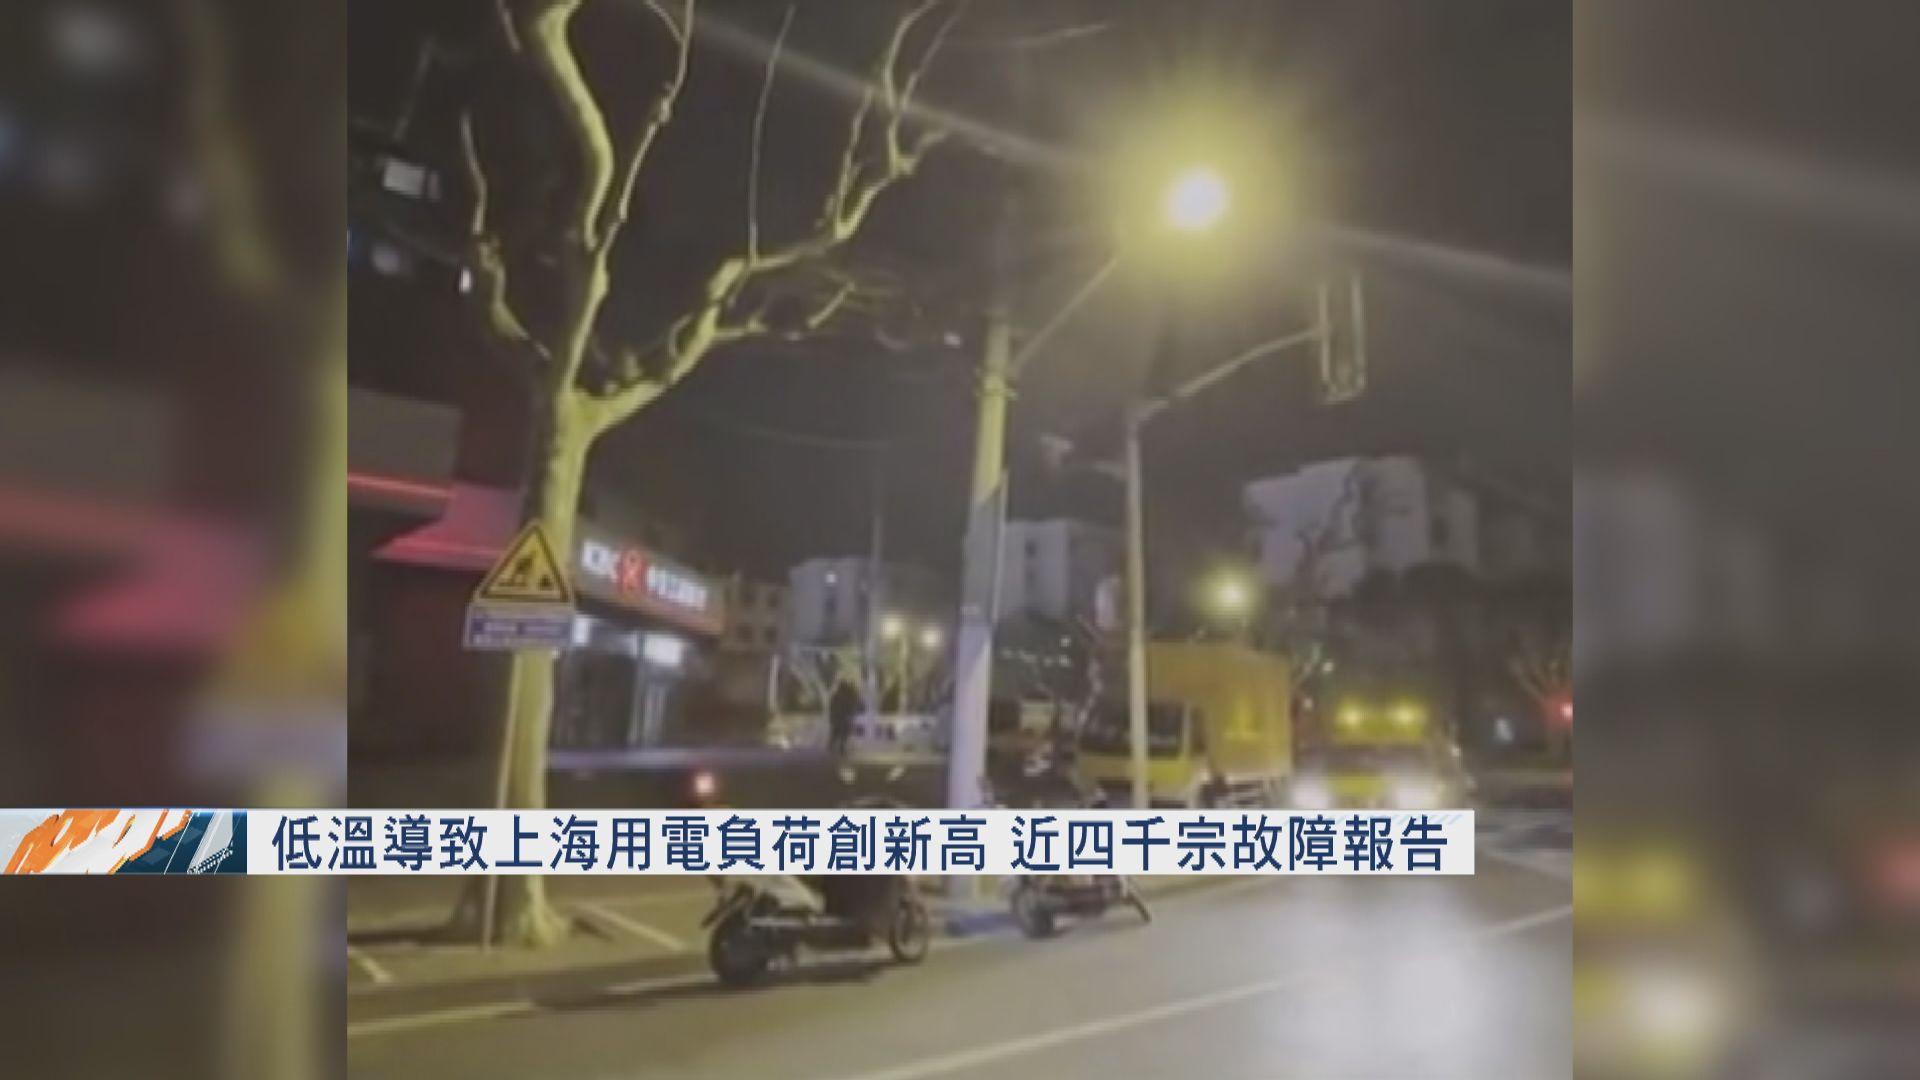 低溫導致上海用電負荷創新高 近四千宗故障報告